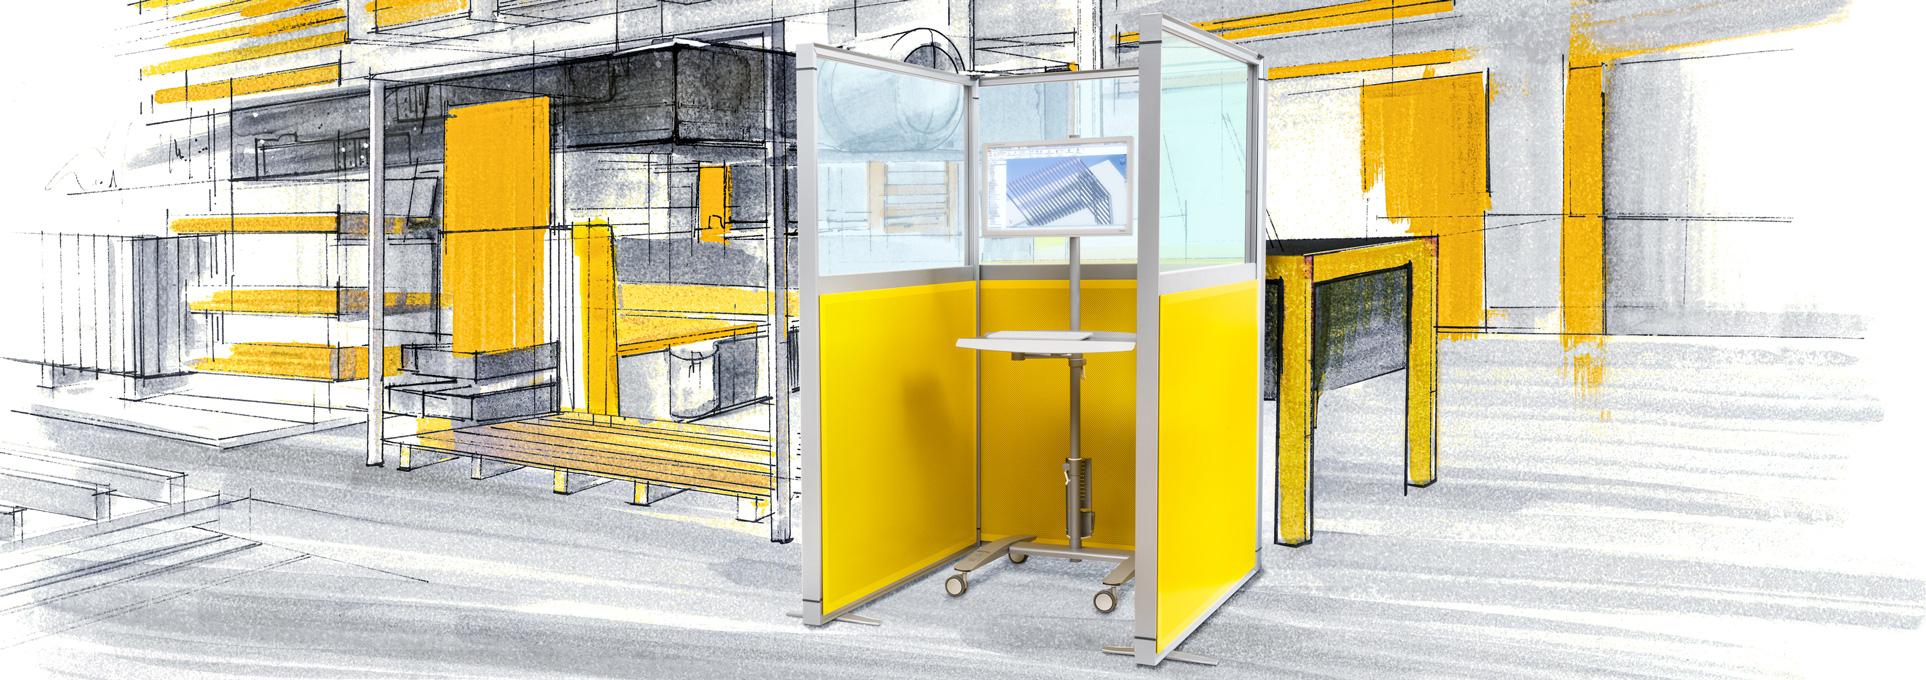 Wandelemente-Stellwandsystem-conexius-w-industrial-workspace-mauser-Slider